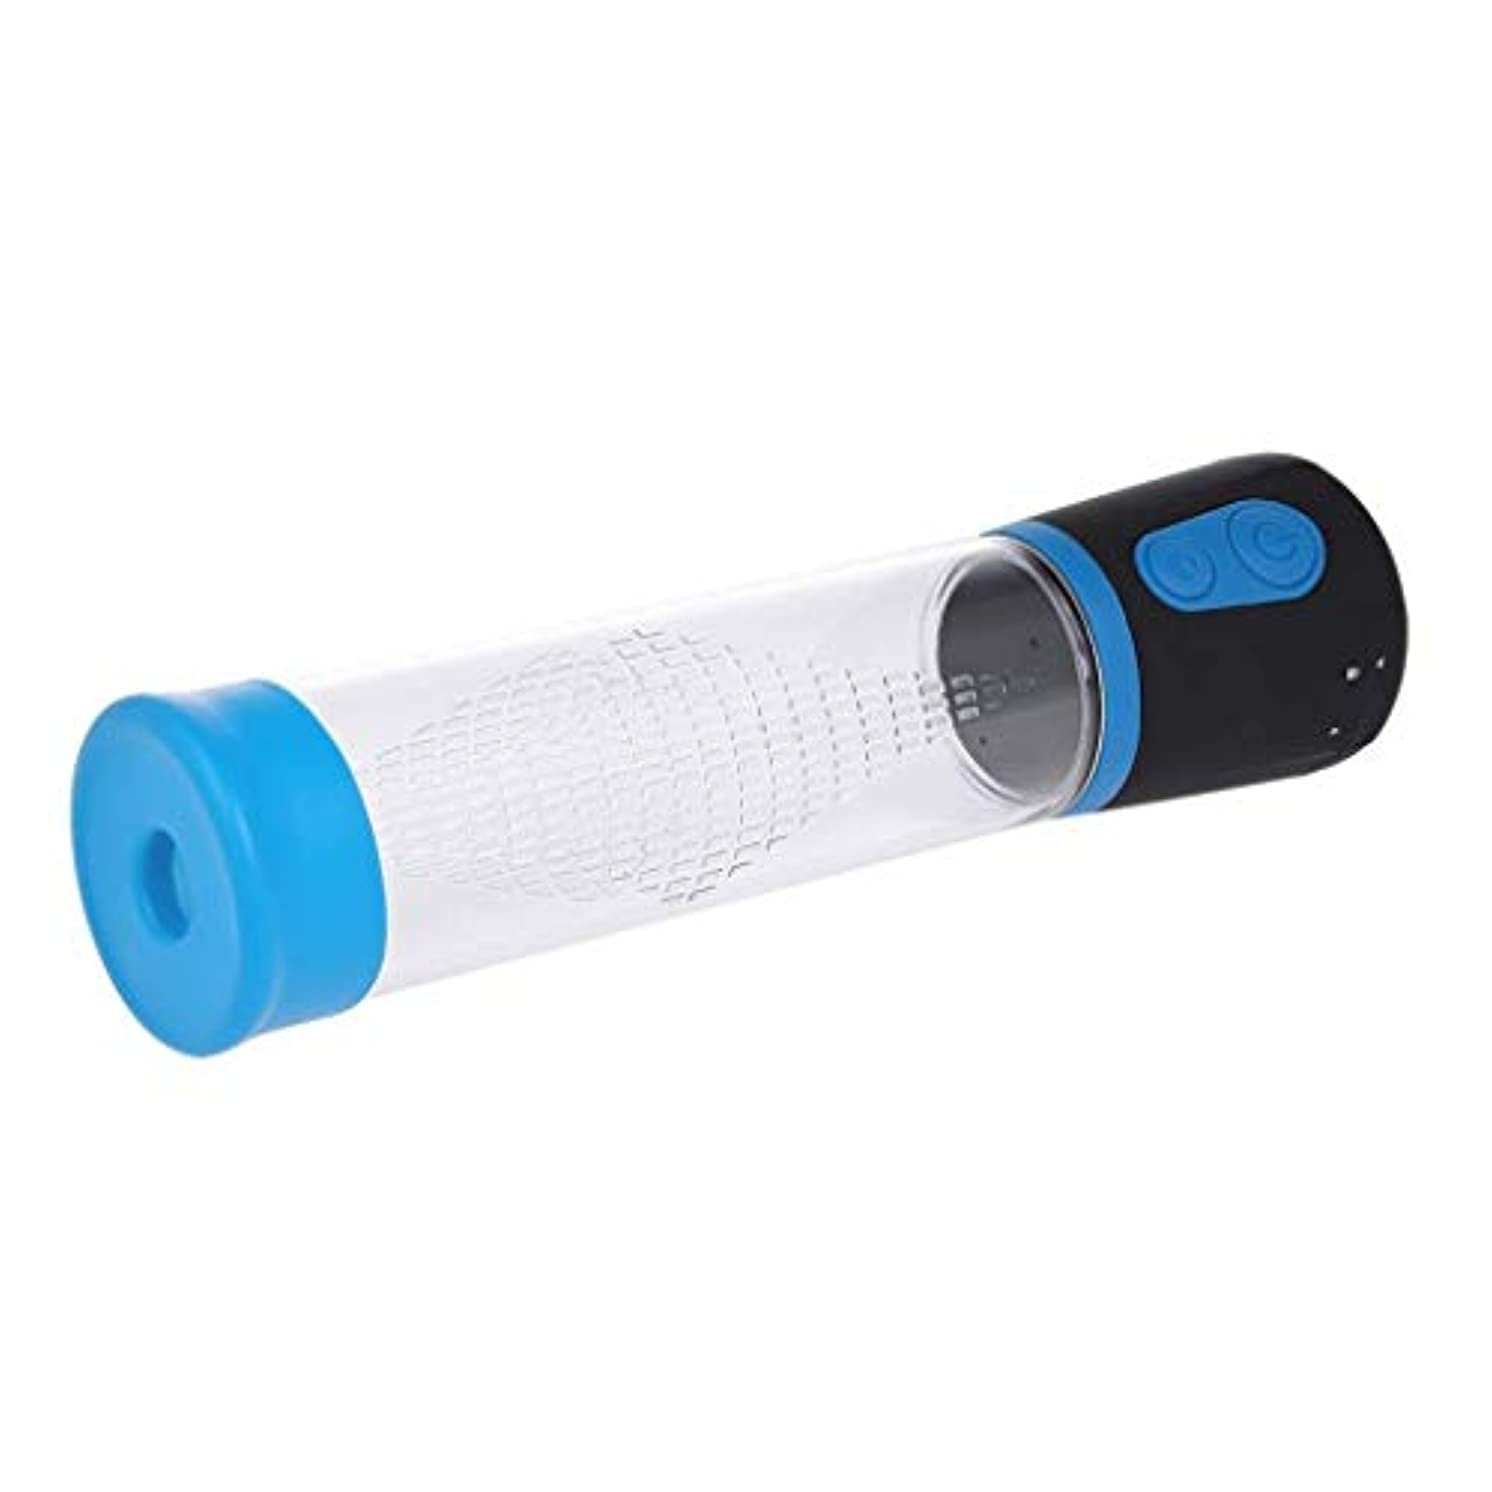 運命的な気分領事館人のための防水高級電気ポンプポンプセットエンハンサーデバイスマッサージャー